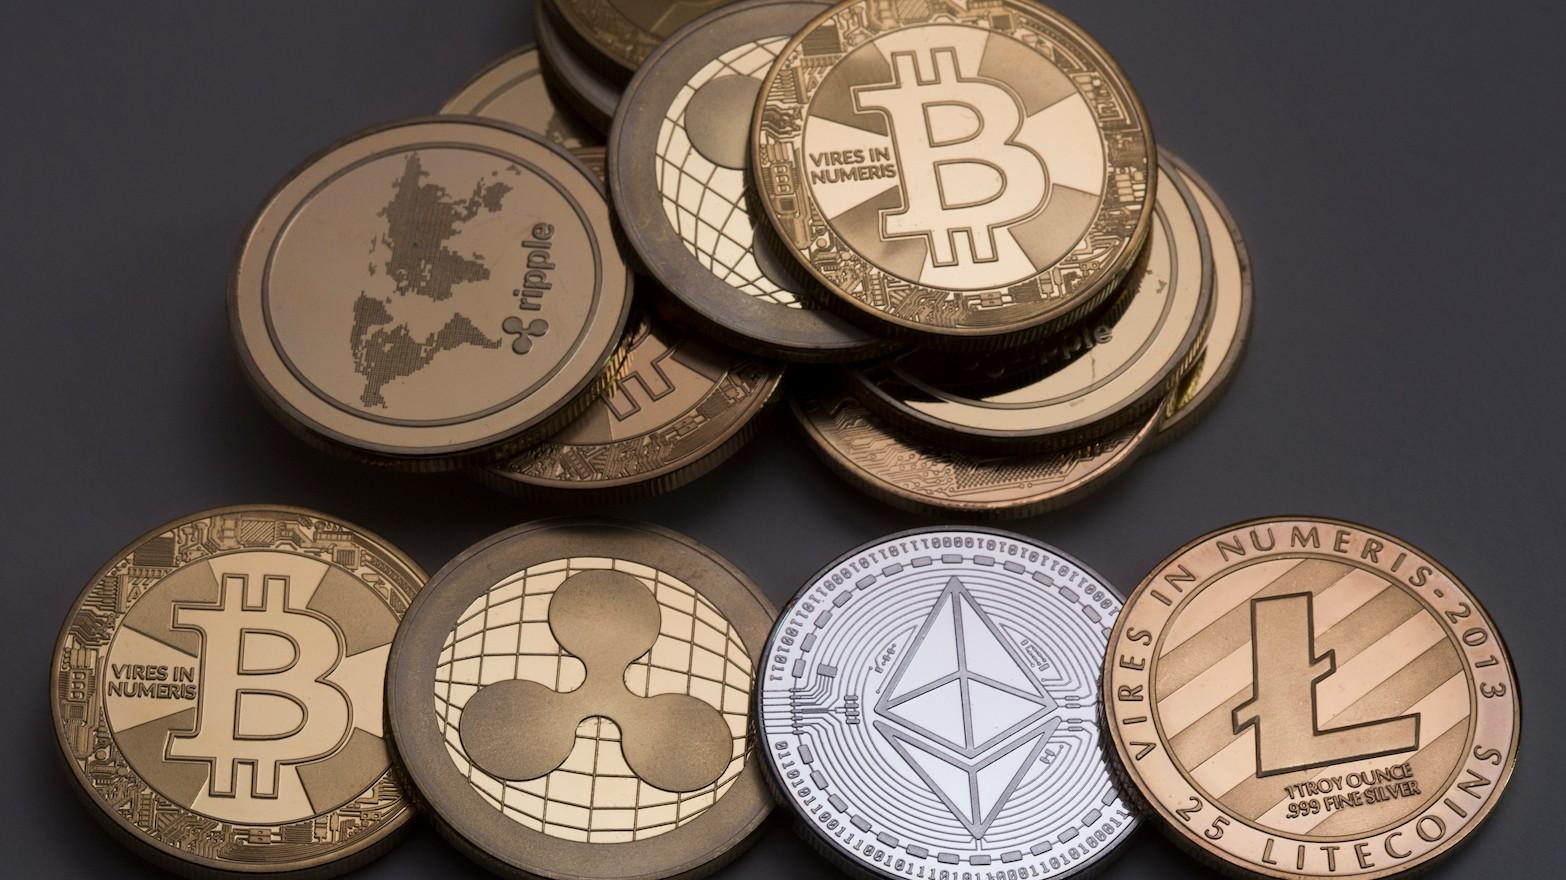 1521029731186-cryptocurrencies.jpeg?crop